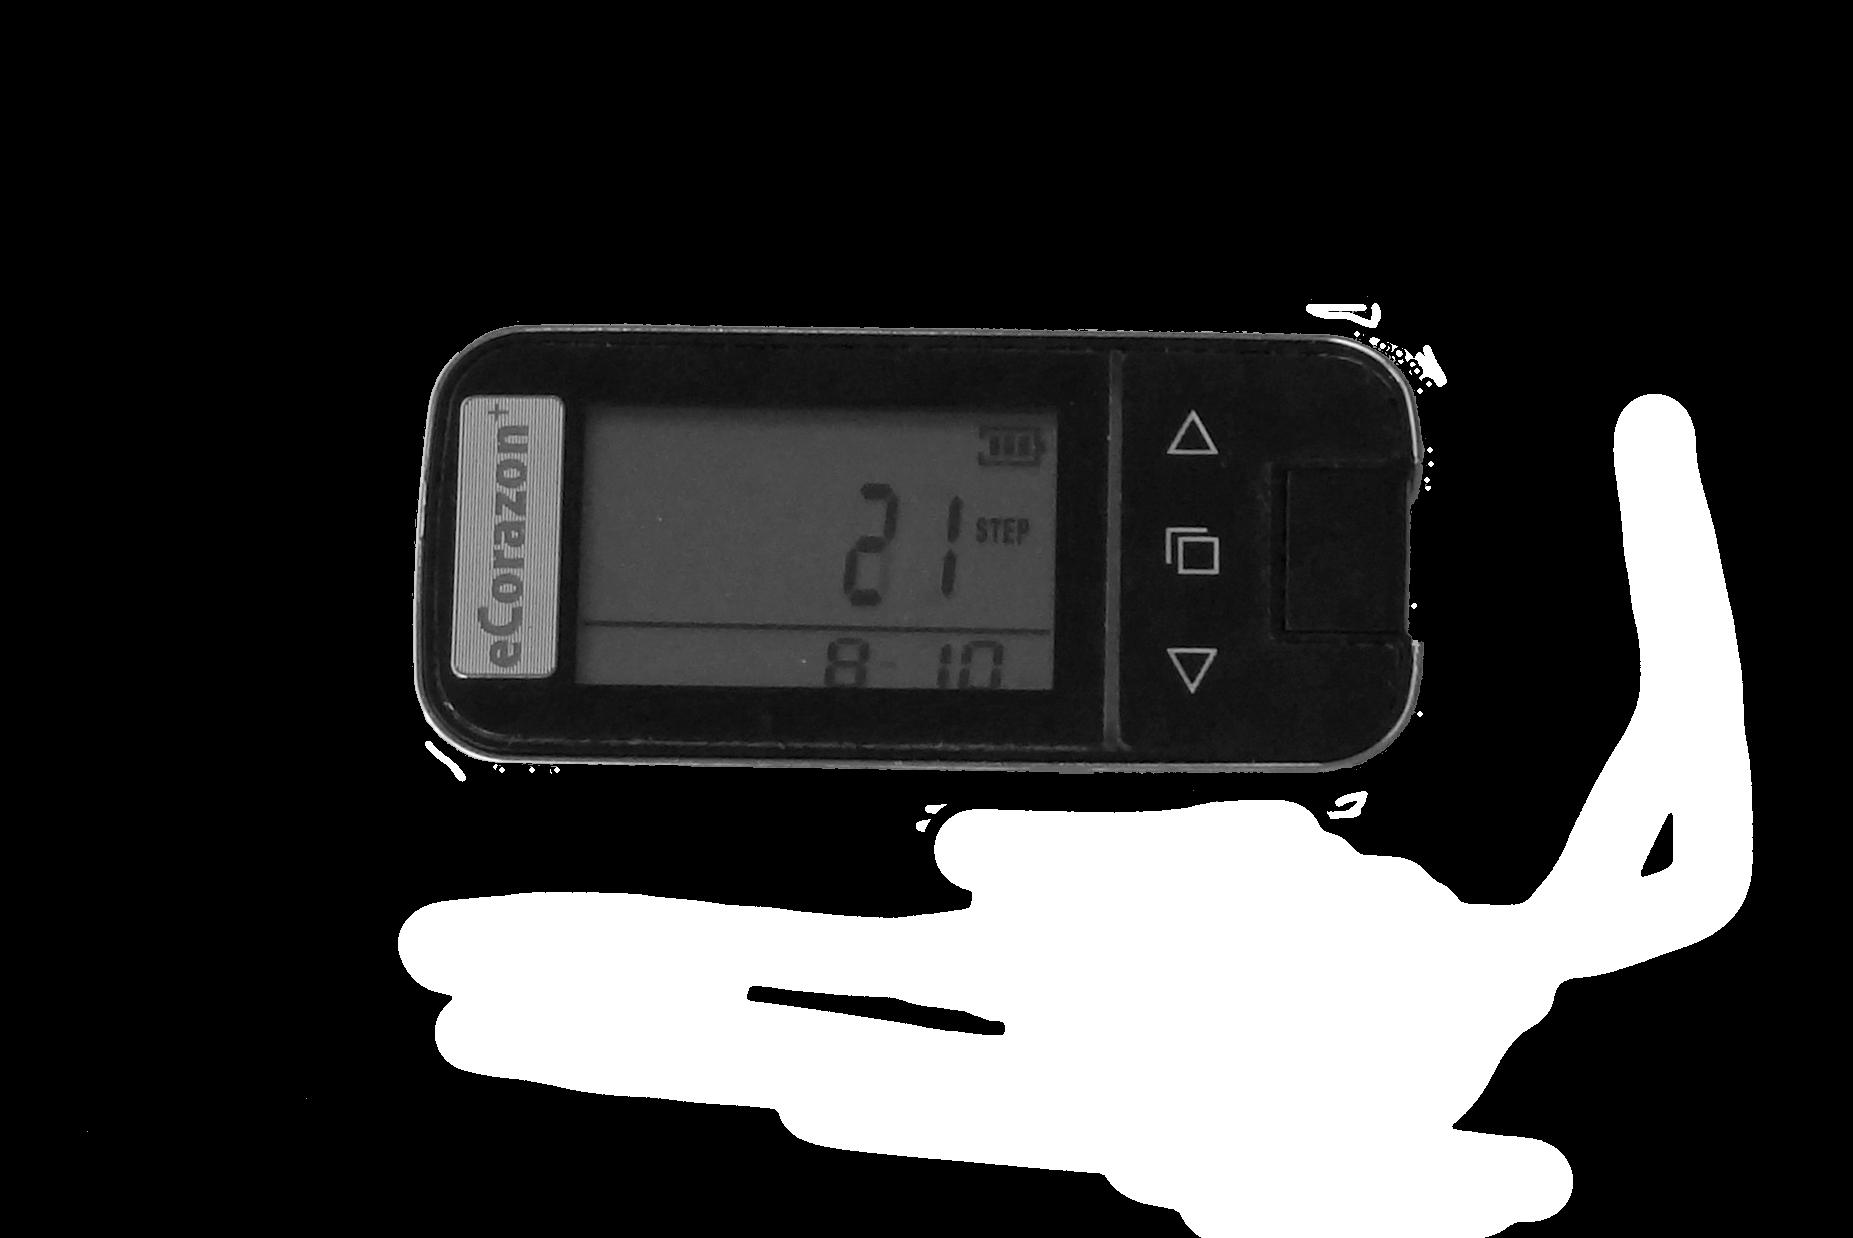 Multifunkční pedometr eCorazon+ - změřte si kolik denně spálíte kalorií